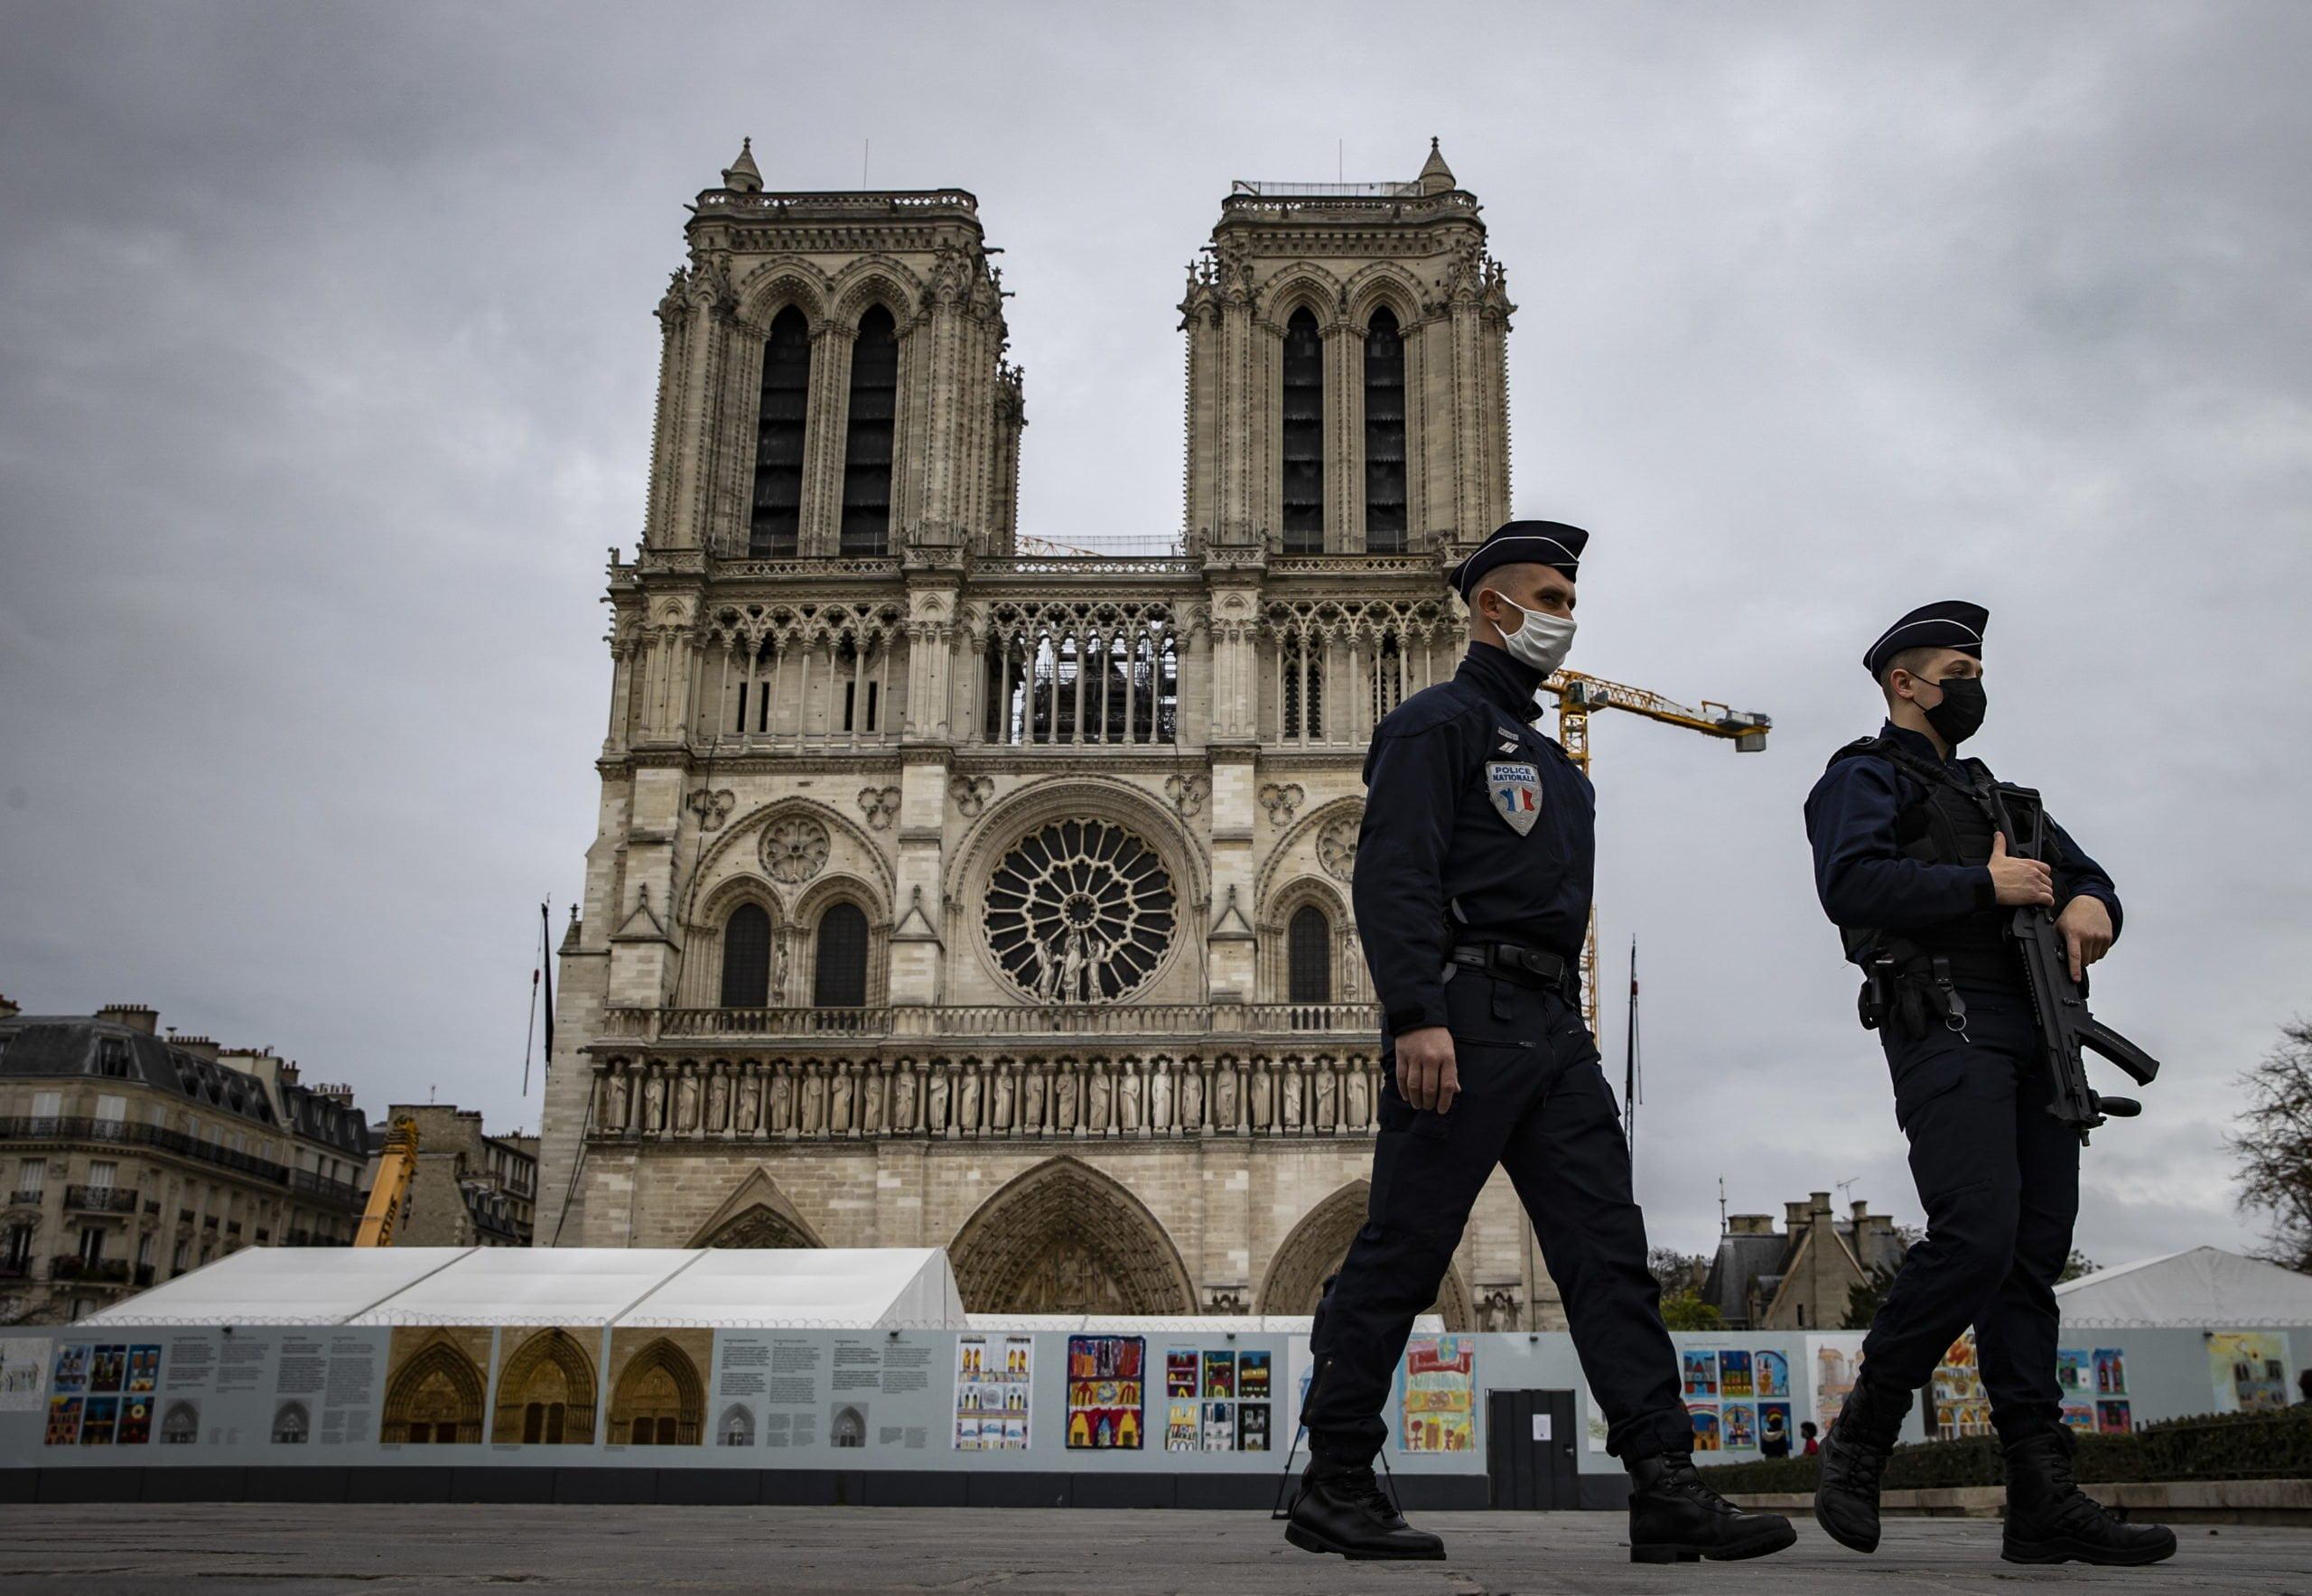 Το βασανιστικό δίλημμα της Δύσης απέναντι στο Ισλάμ